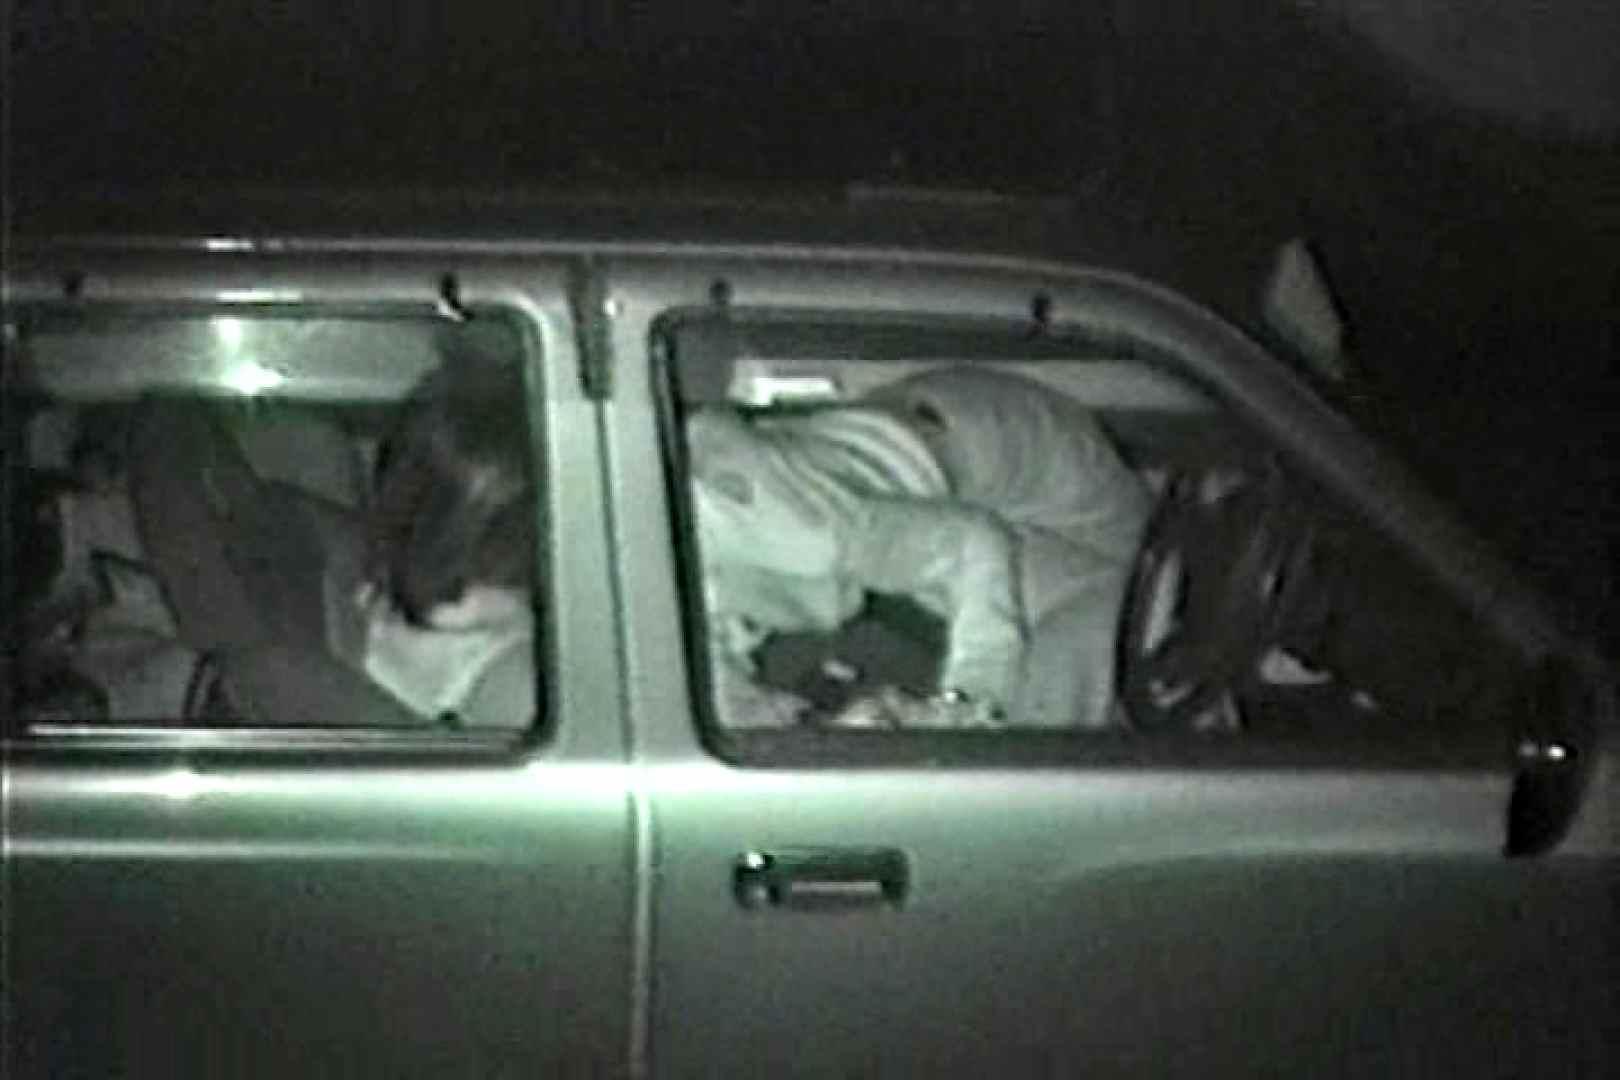 車の中はラブホテル 無修正版  Vol.7 接写 盗撮アダルト動画キャプチャ 96連発 42